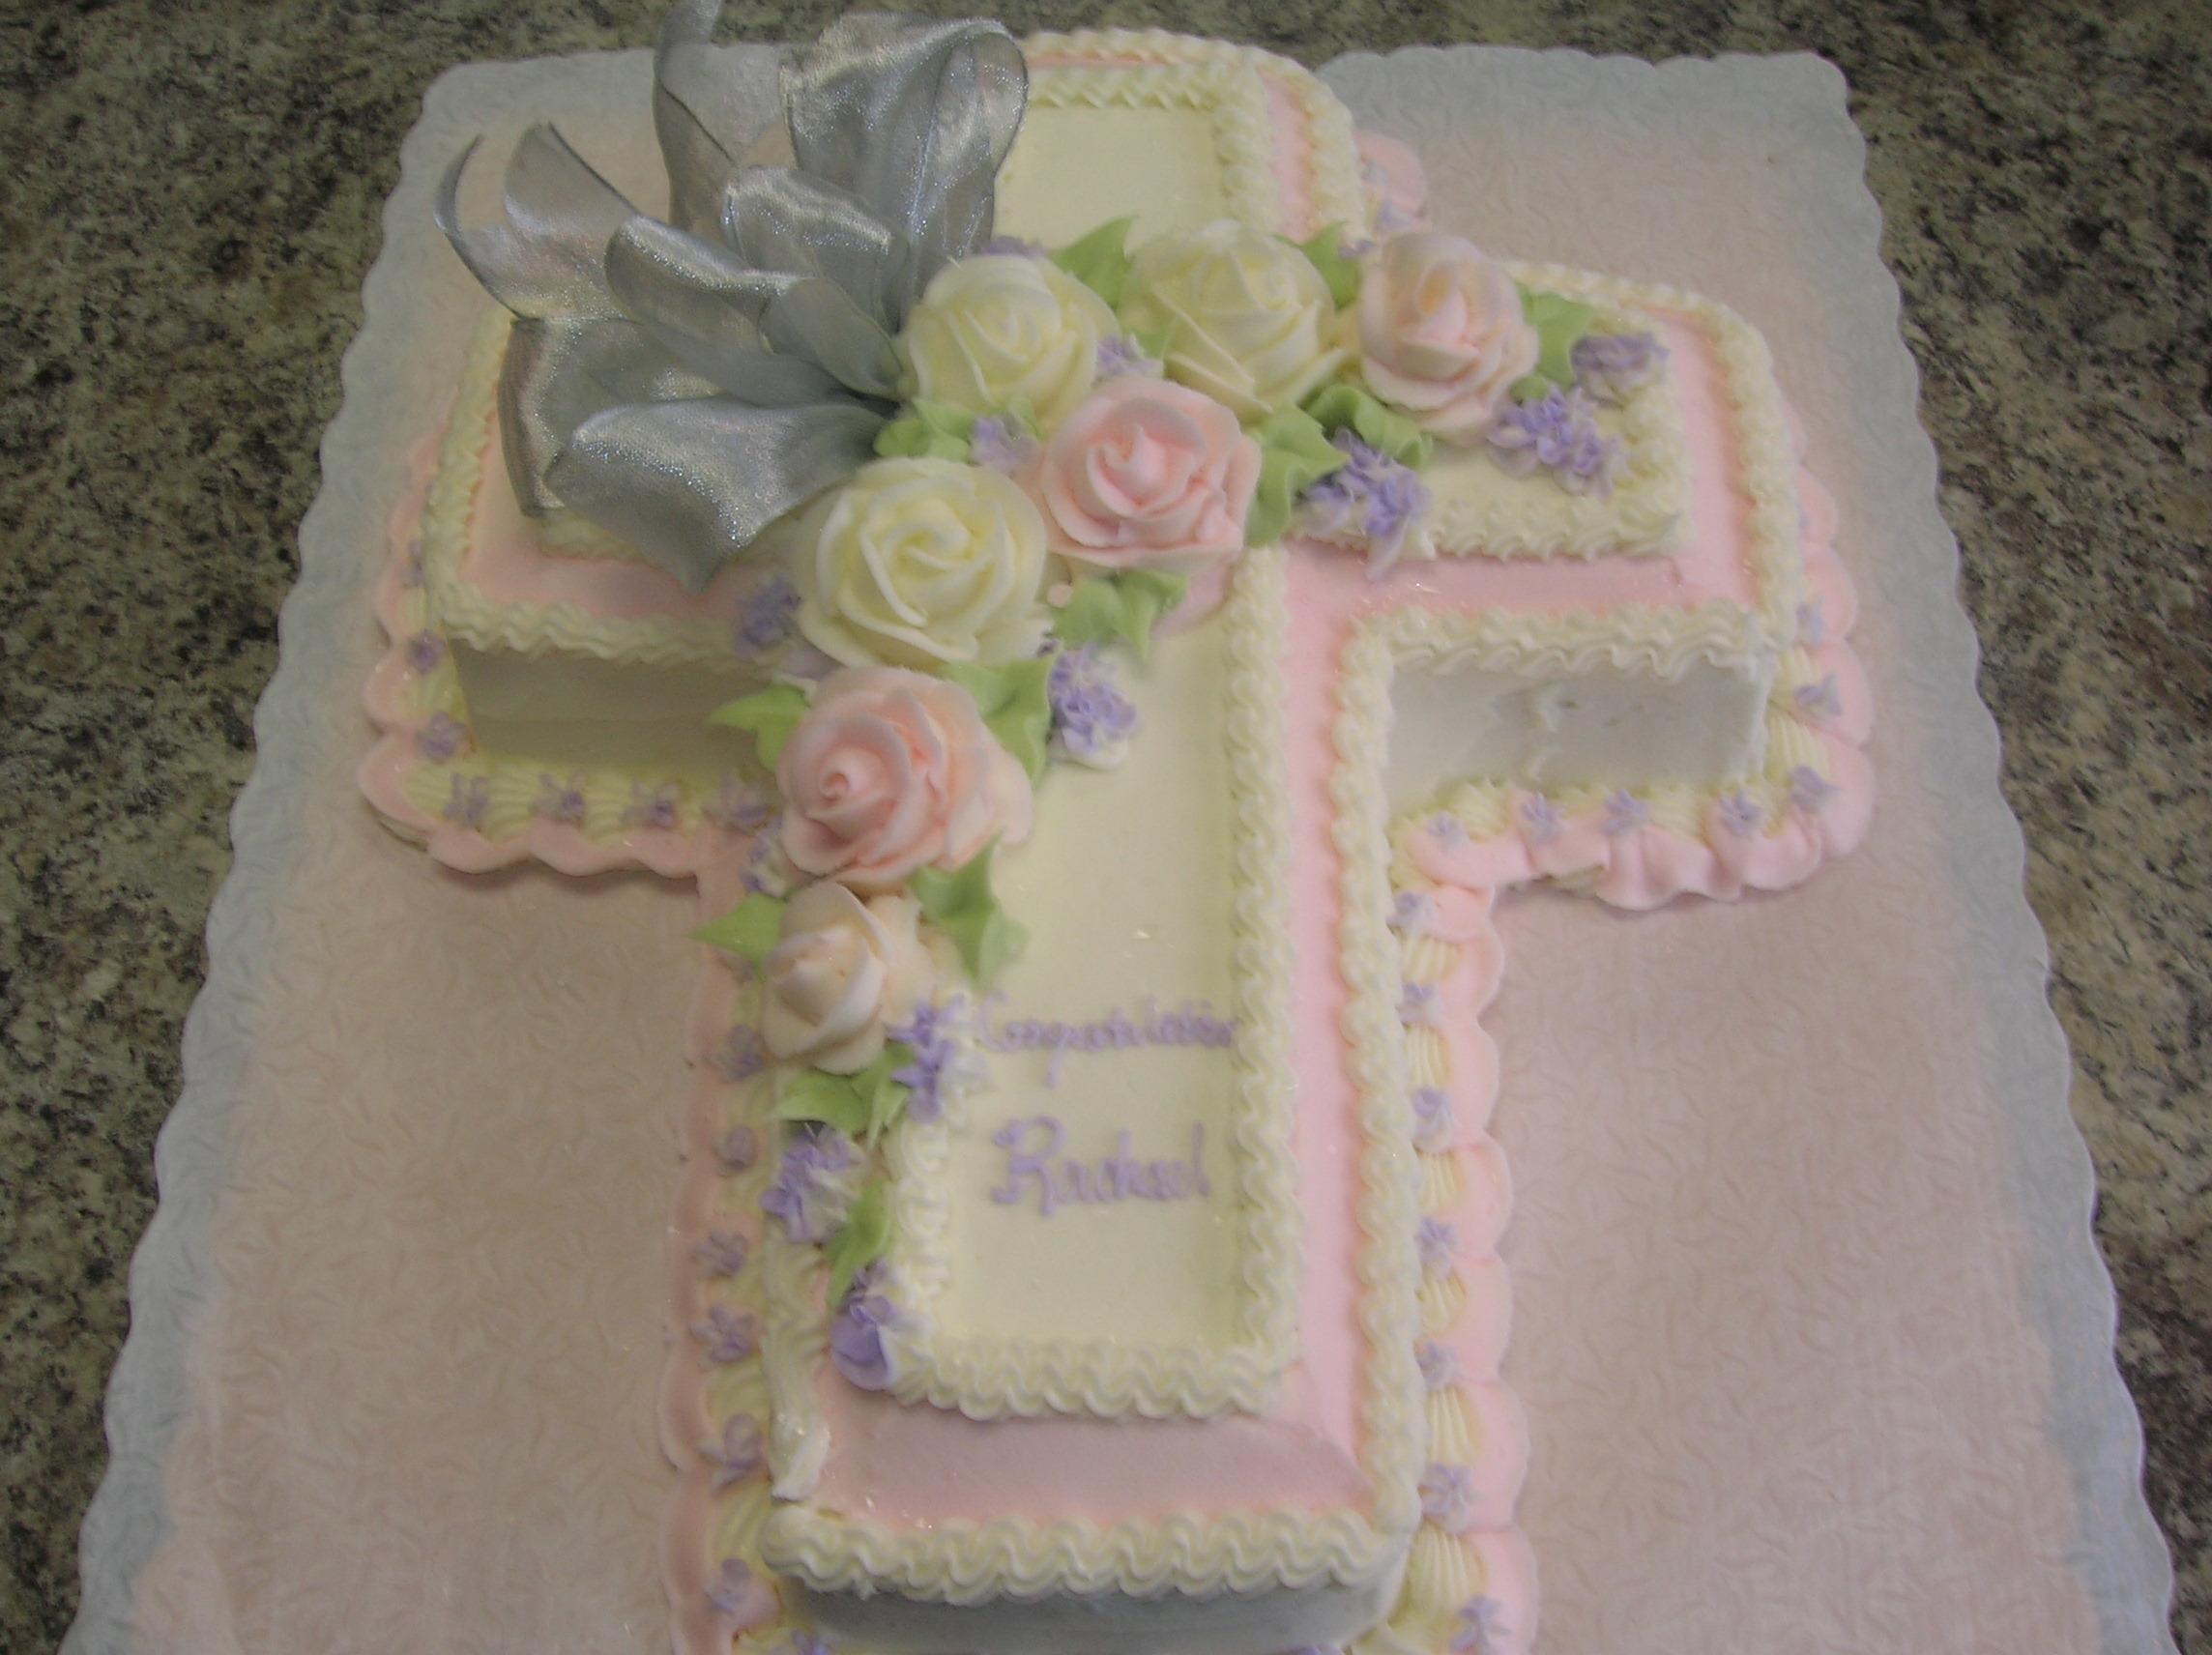 Veronica S Sweetcakes Religious Cakes